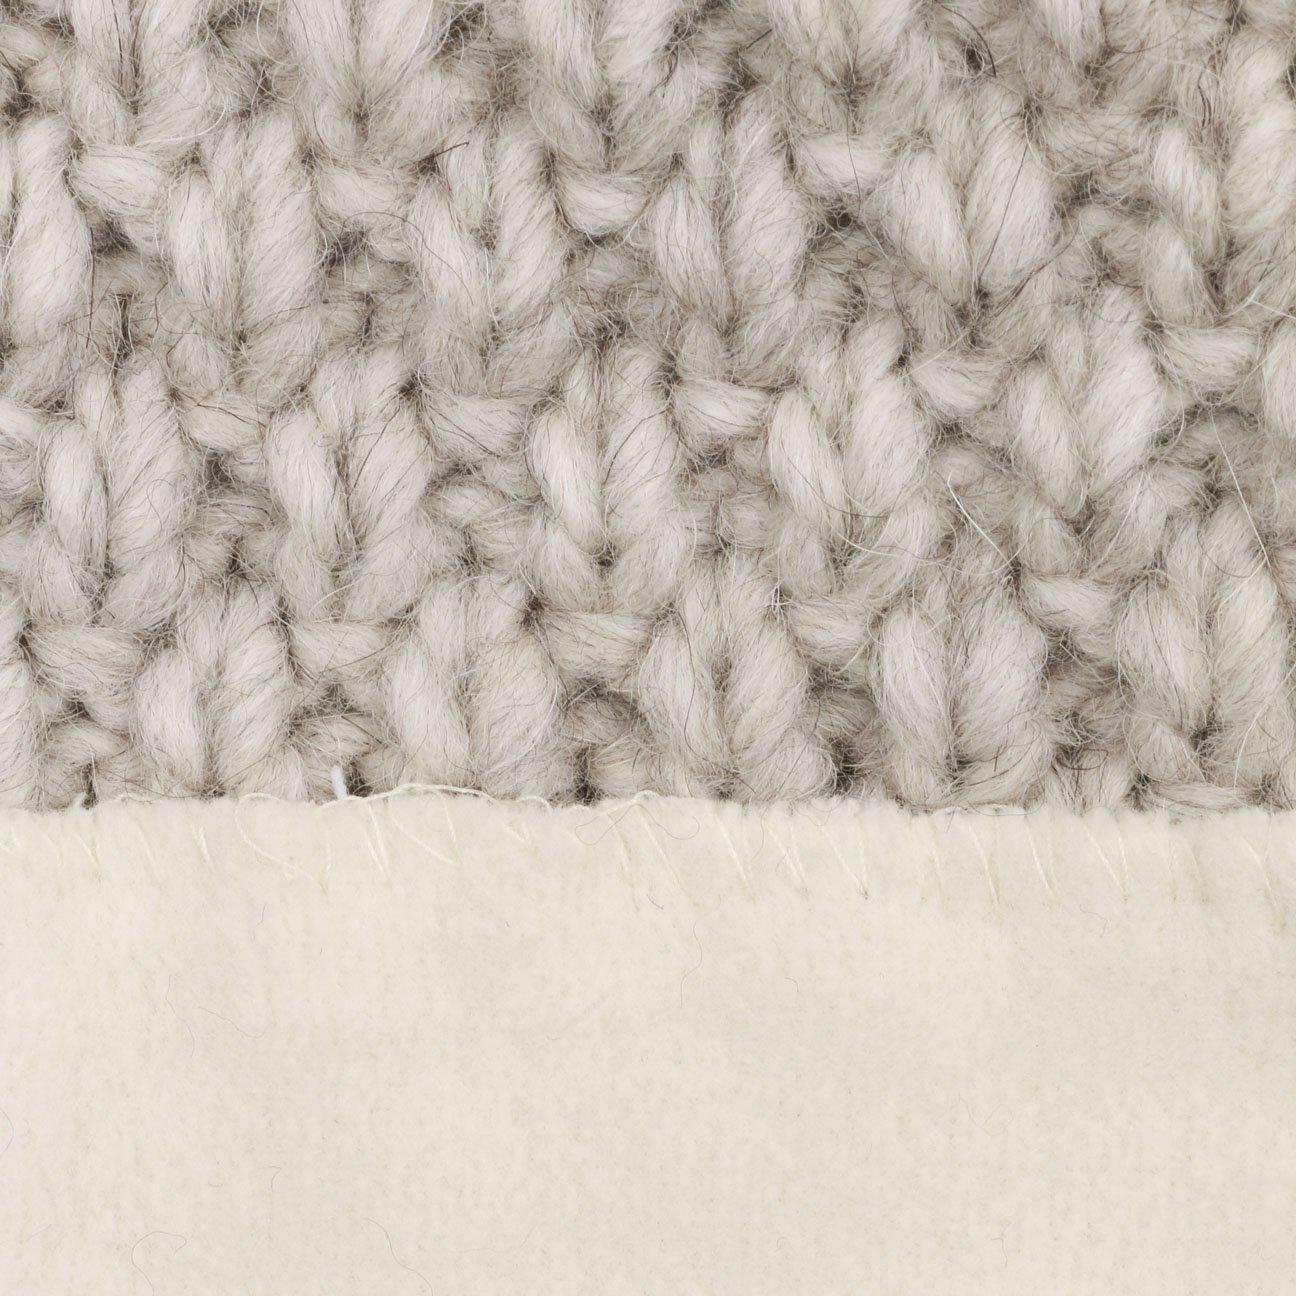 Oversize-Beanie Herbst//Winter | Winterm/ütze mit Alpakawolle und Schurwolle Wollm/ütze Made in Germany Lierys Pinea Strickm/ütze mit Fleecefutter Damen//Herren